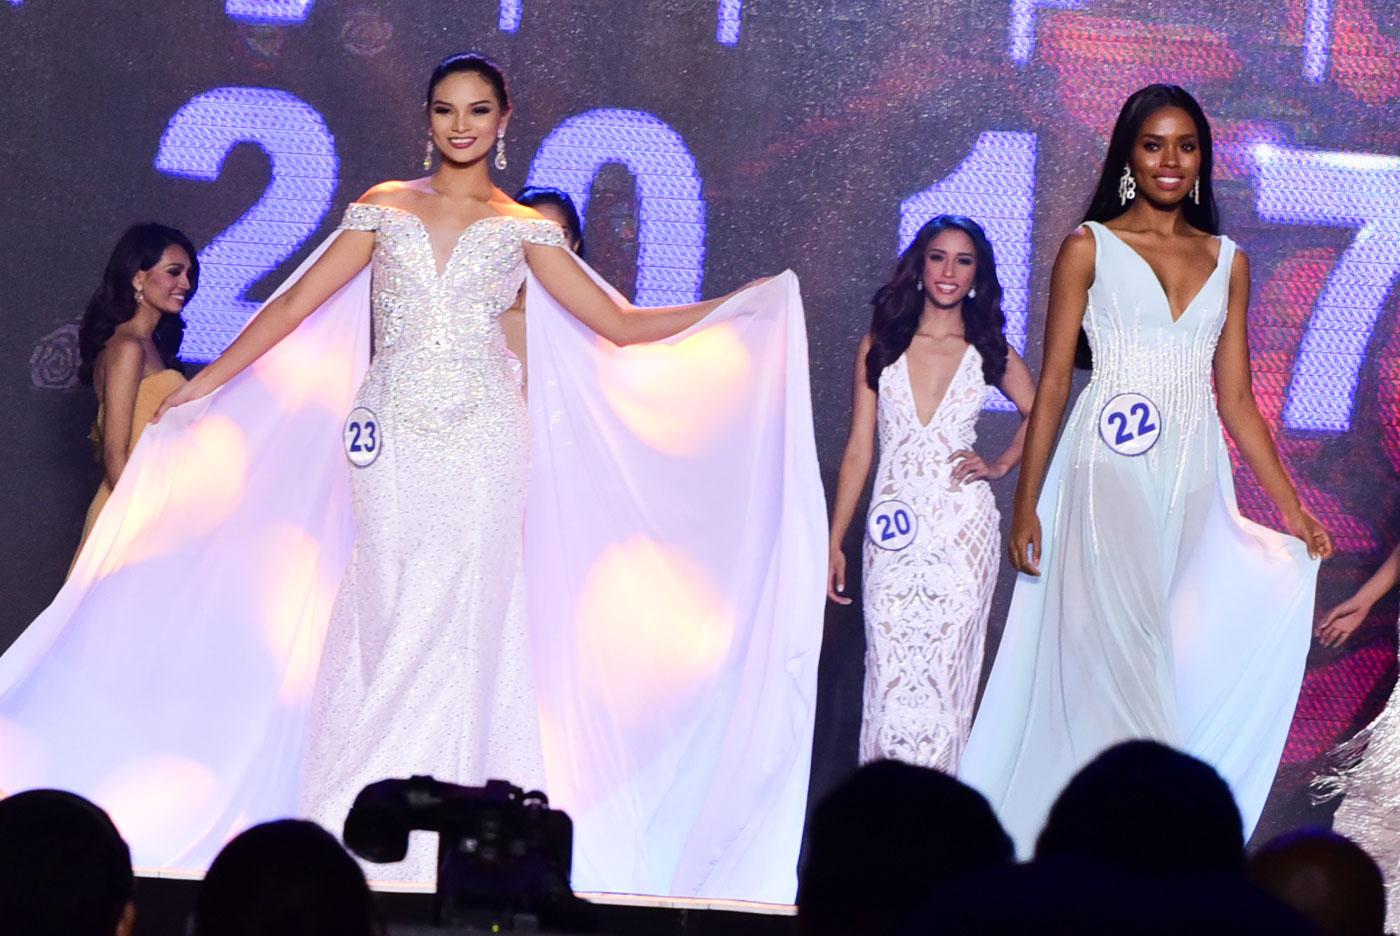 #23 Princess Laureano, #20 Trizha Ocampo, #22 Chelsea Anne Manalo